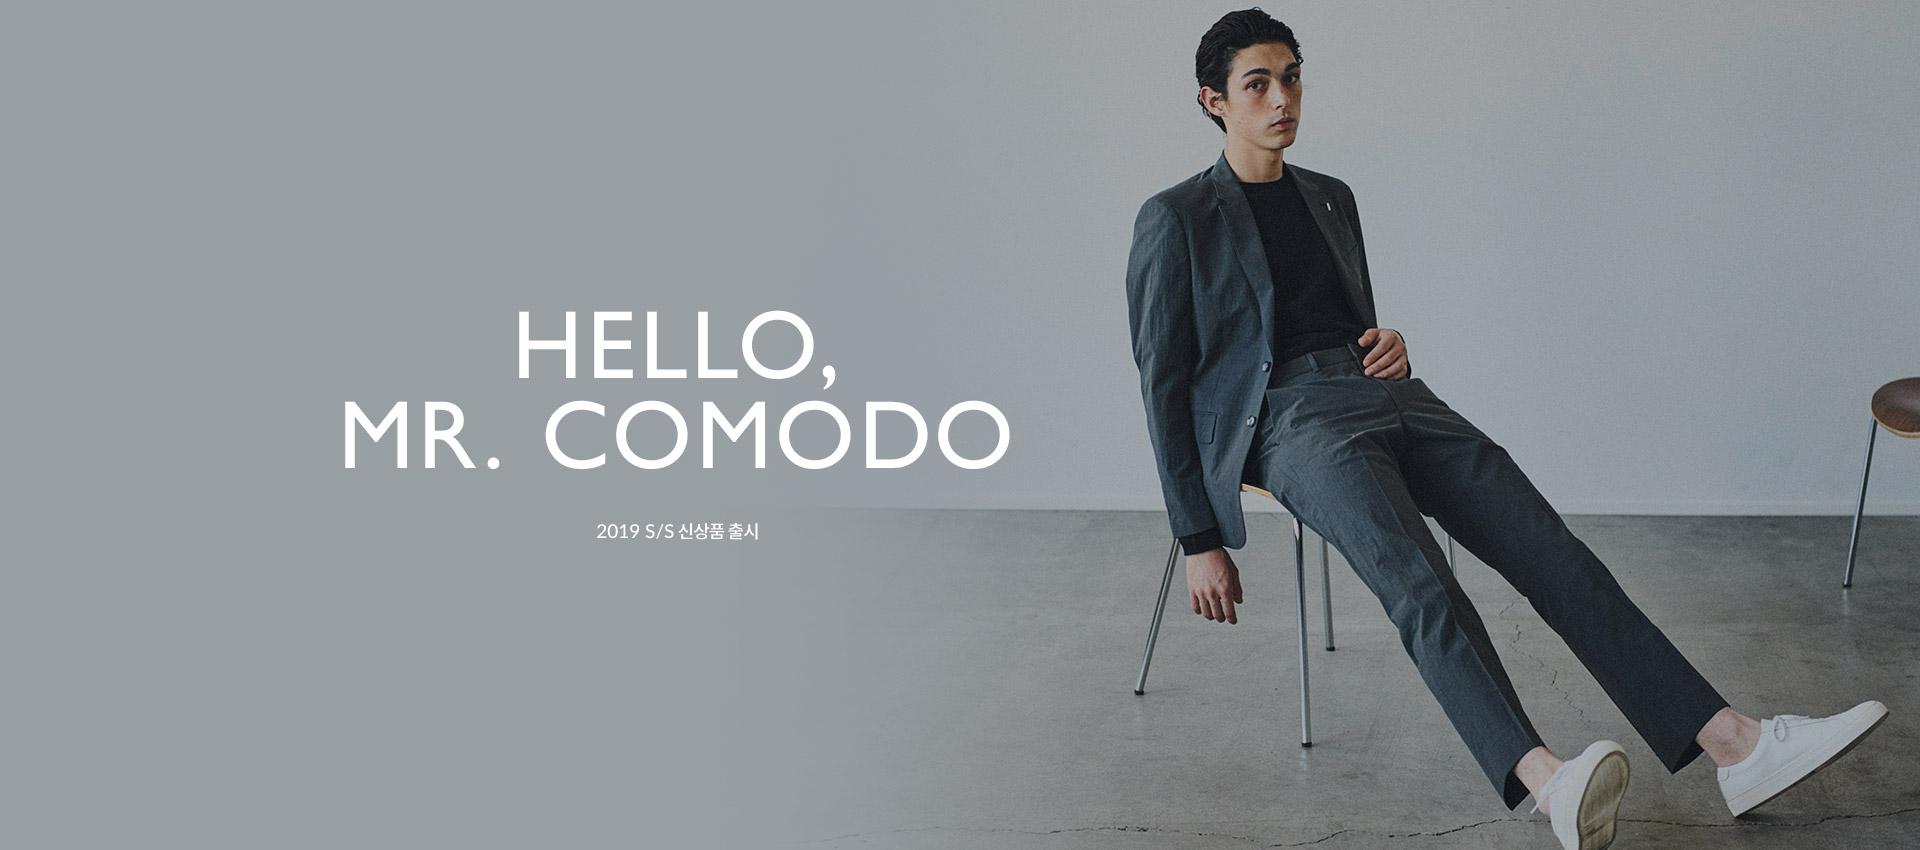 Hello, MR. COMODO